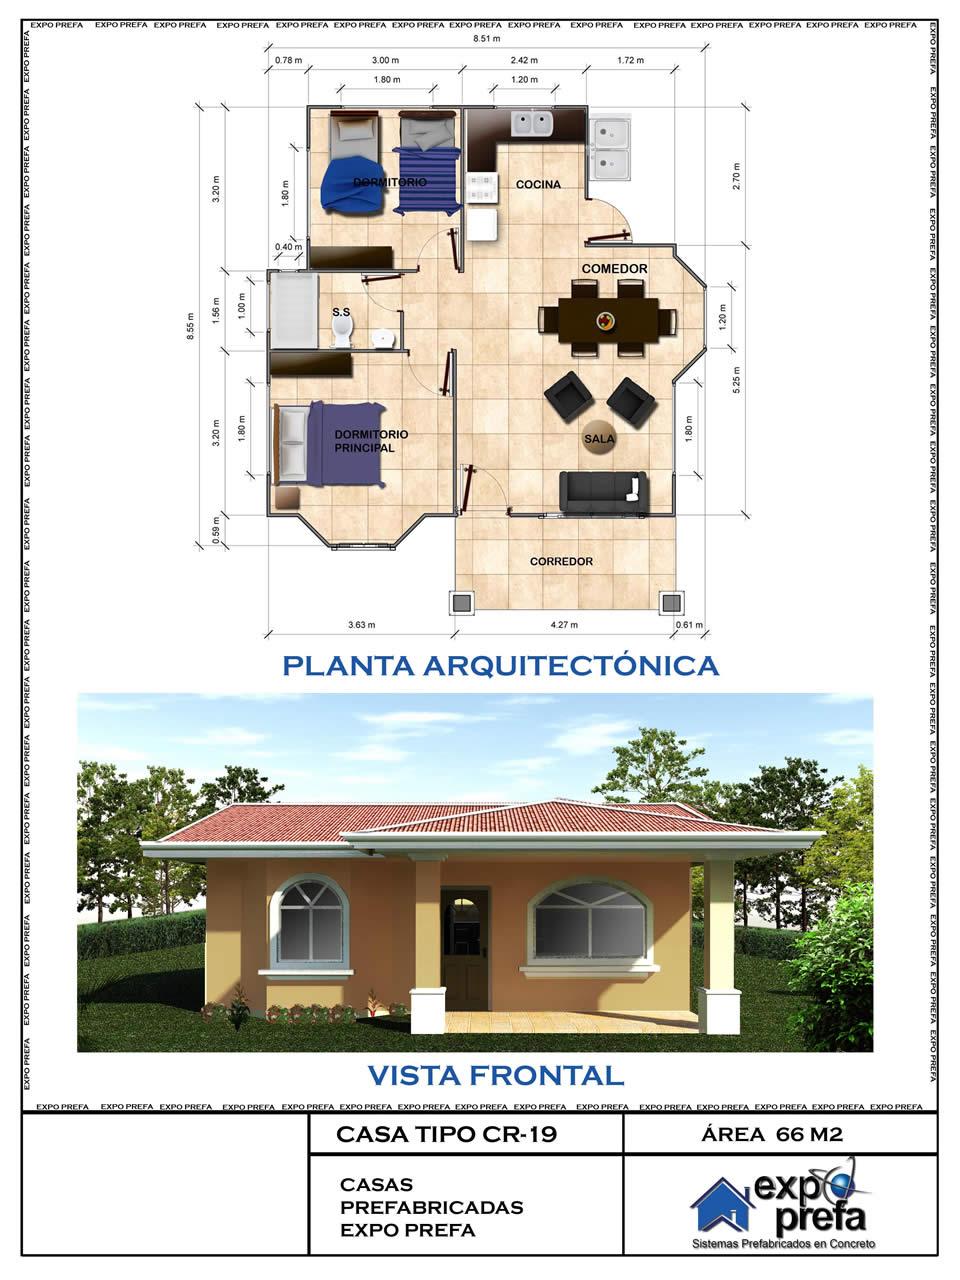 Design casas modulares costa rica galer a de fotos de - Casas diseno prefabricadas ...